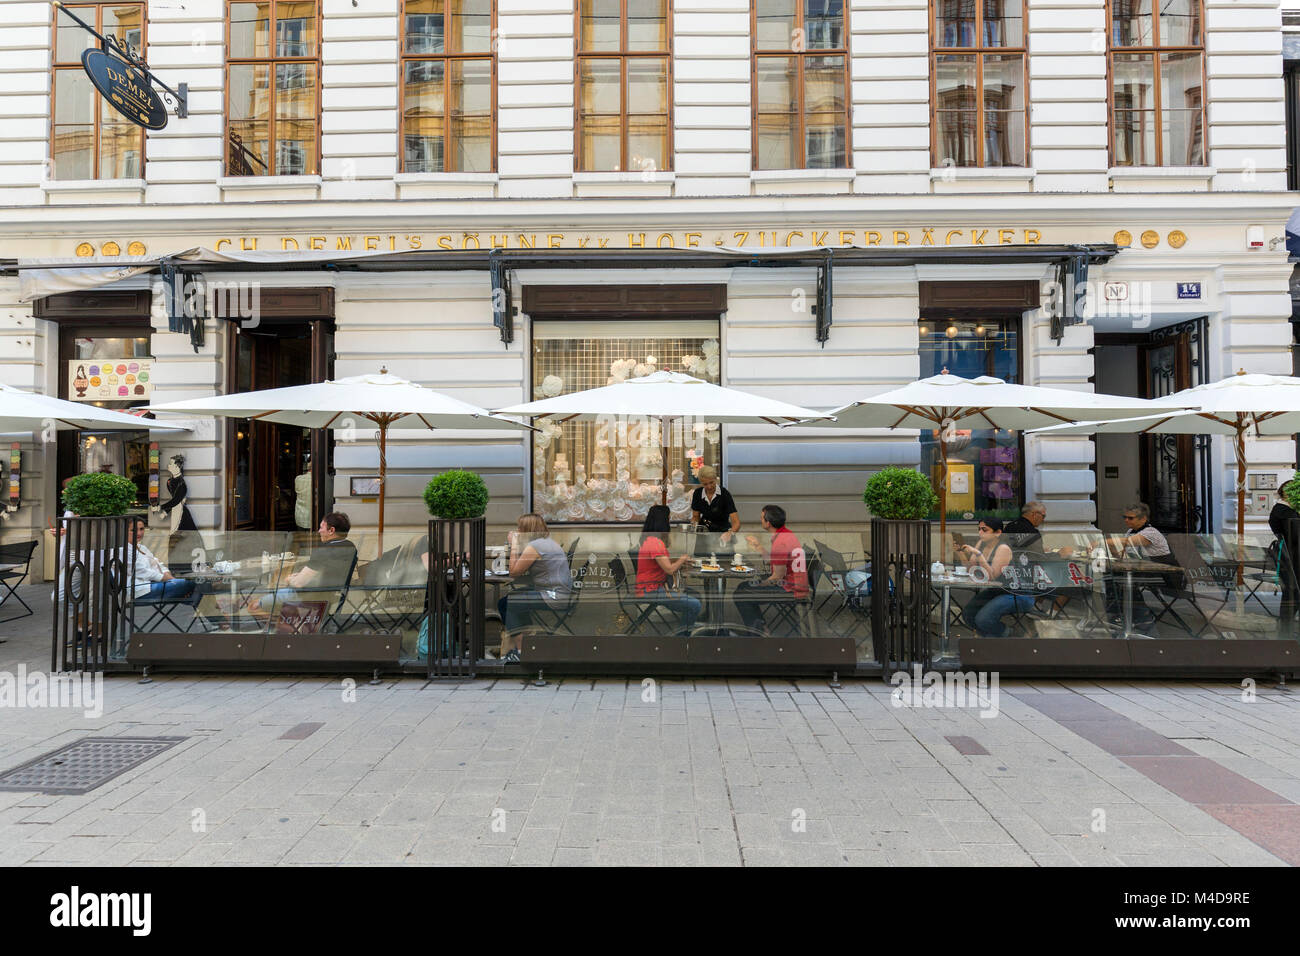 Pessoas solteiras e casais desfrutar de café e bolos em um pátio ao ar livre de um café em Viena, Imagens de Stock